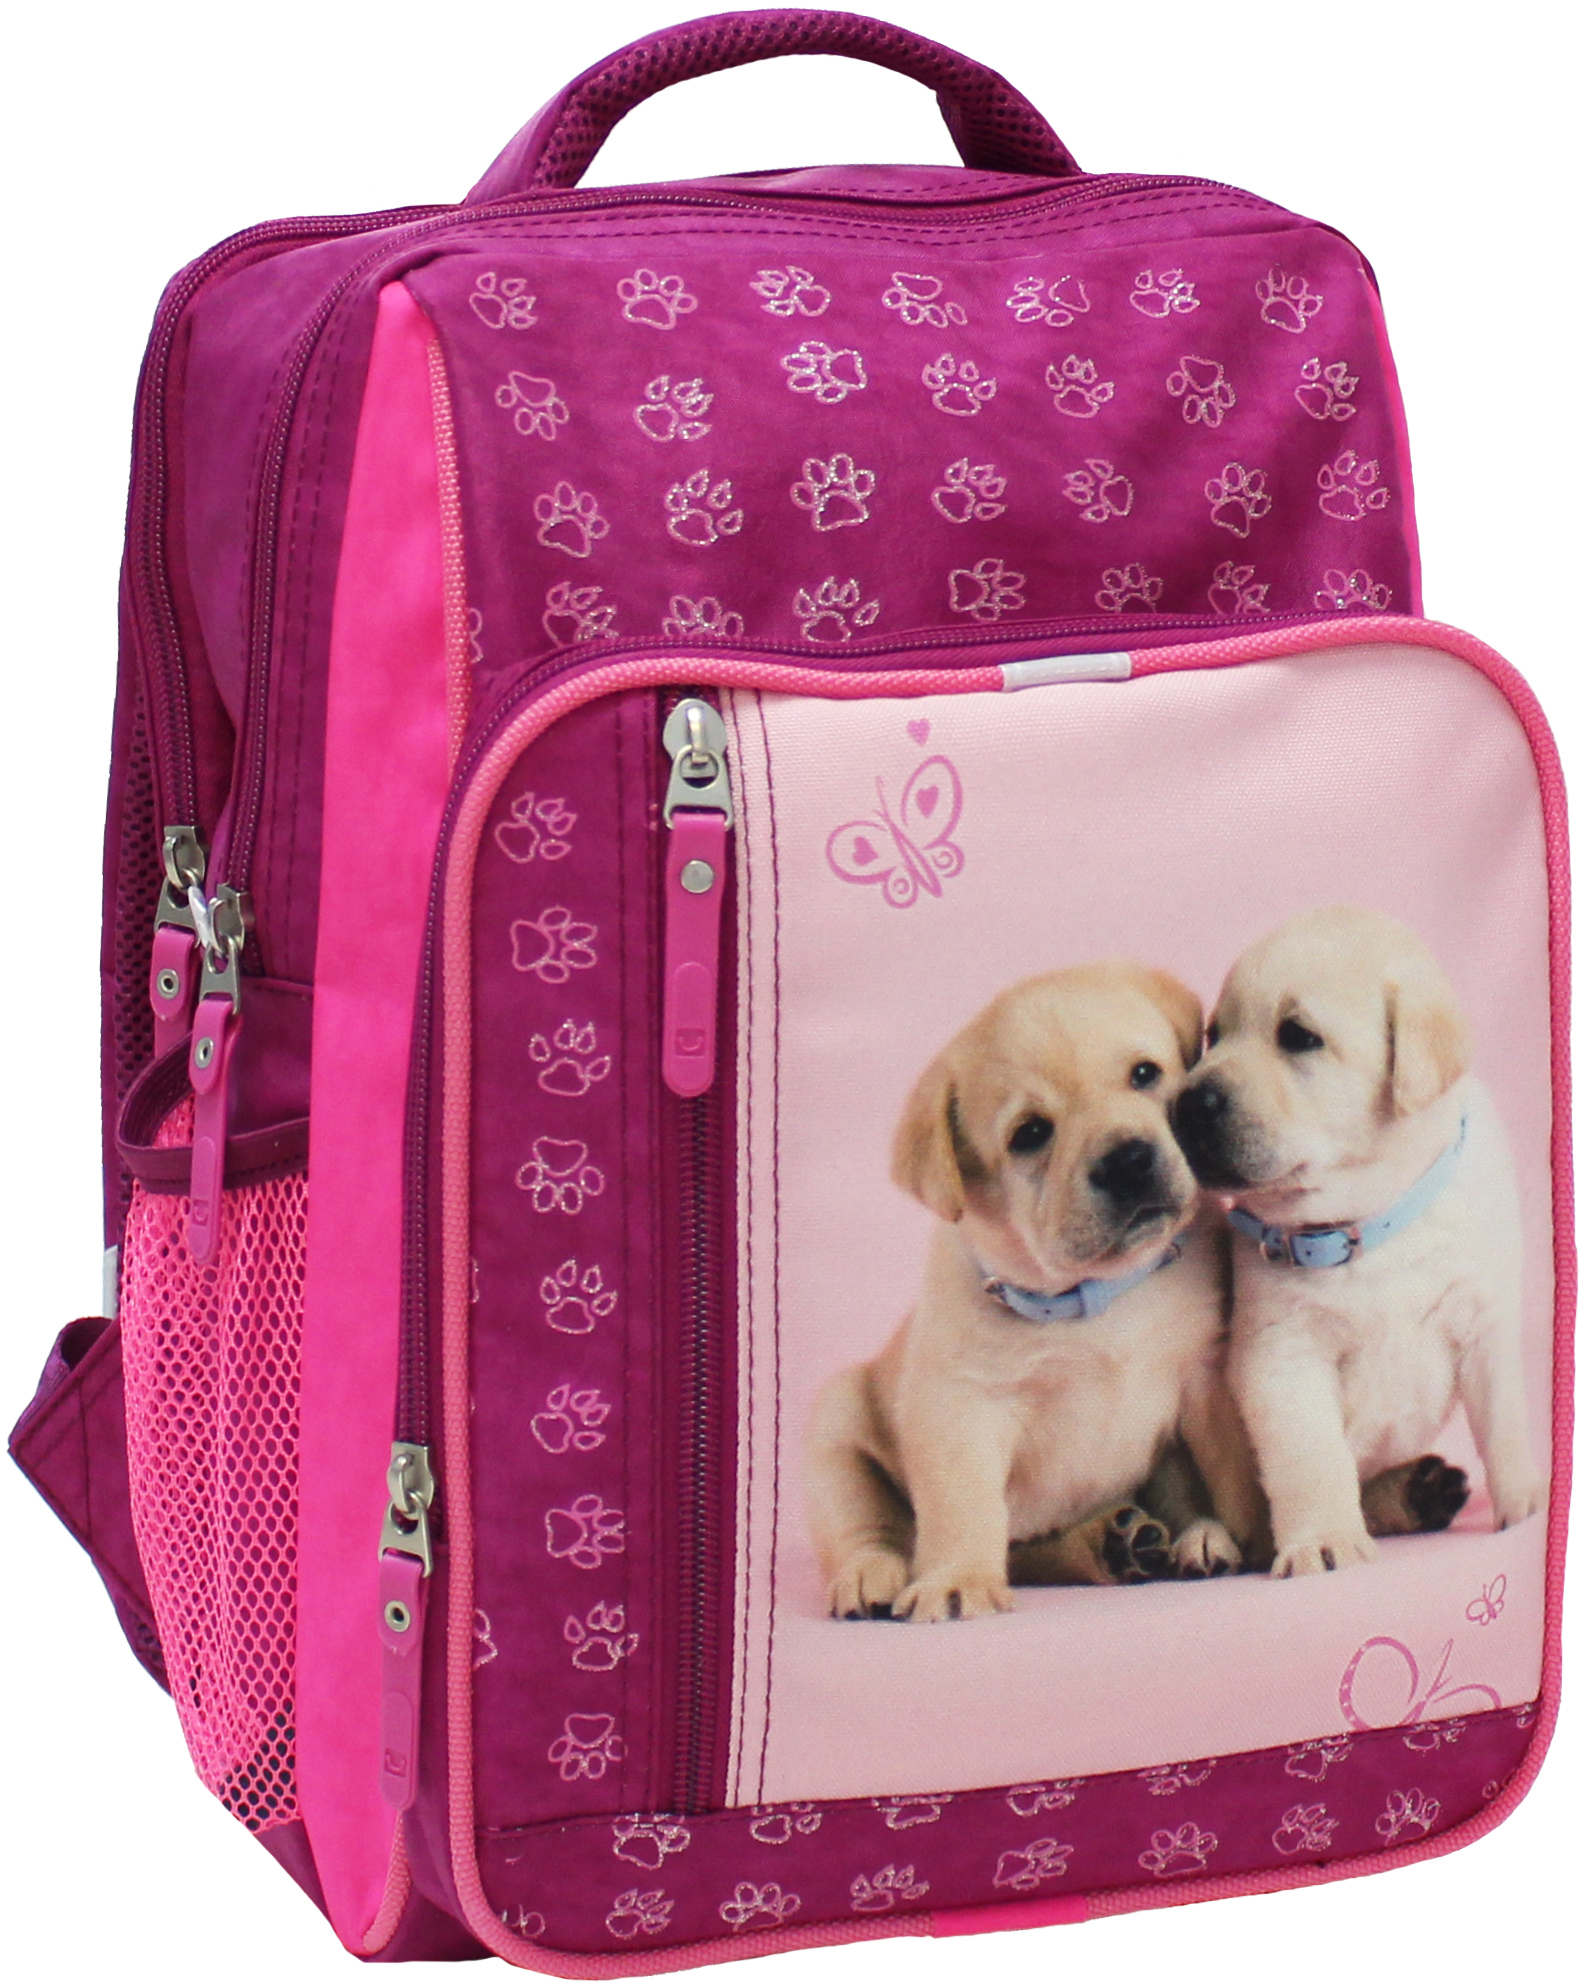 Школьные рюкзаки Рюкзак школьный Bagland Школьник 8 л. 143 малина 118 д (00112702) IMG_5236.JPG